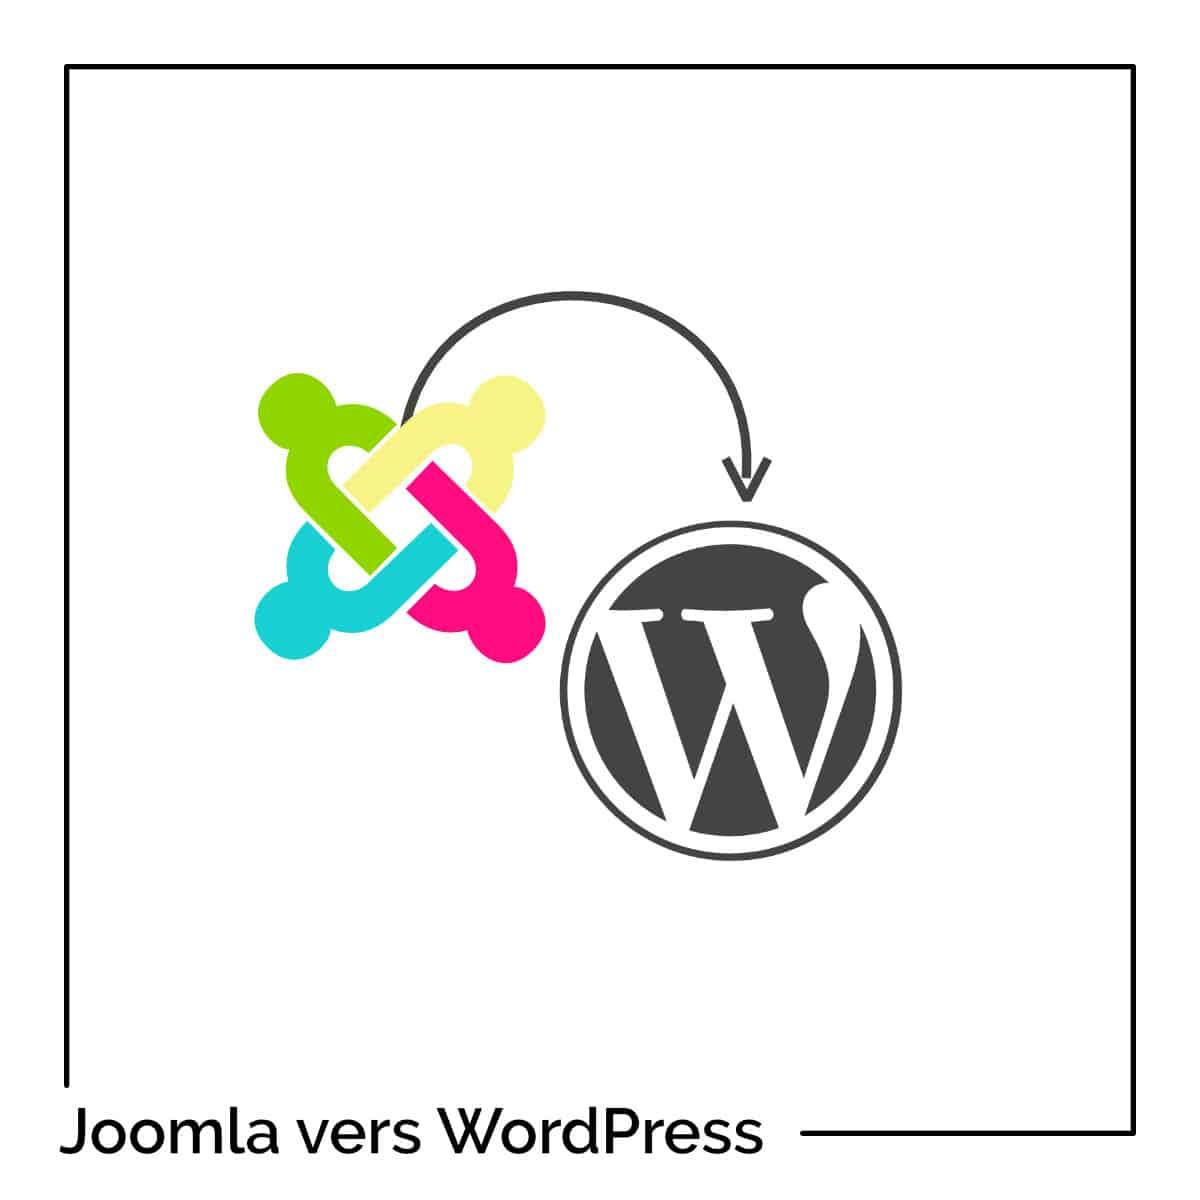 Comment migrer de Joomla vers WordPress en 10 minutes ?